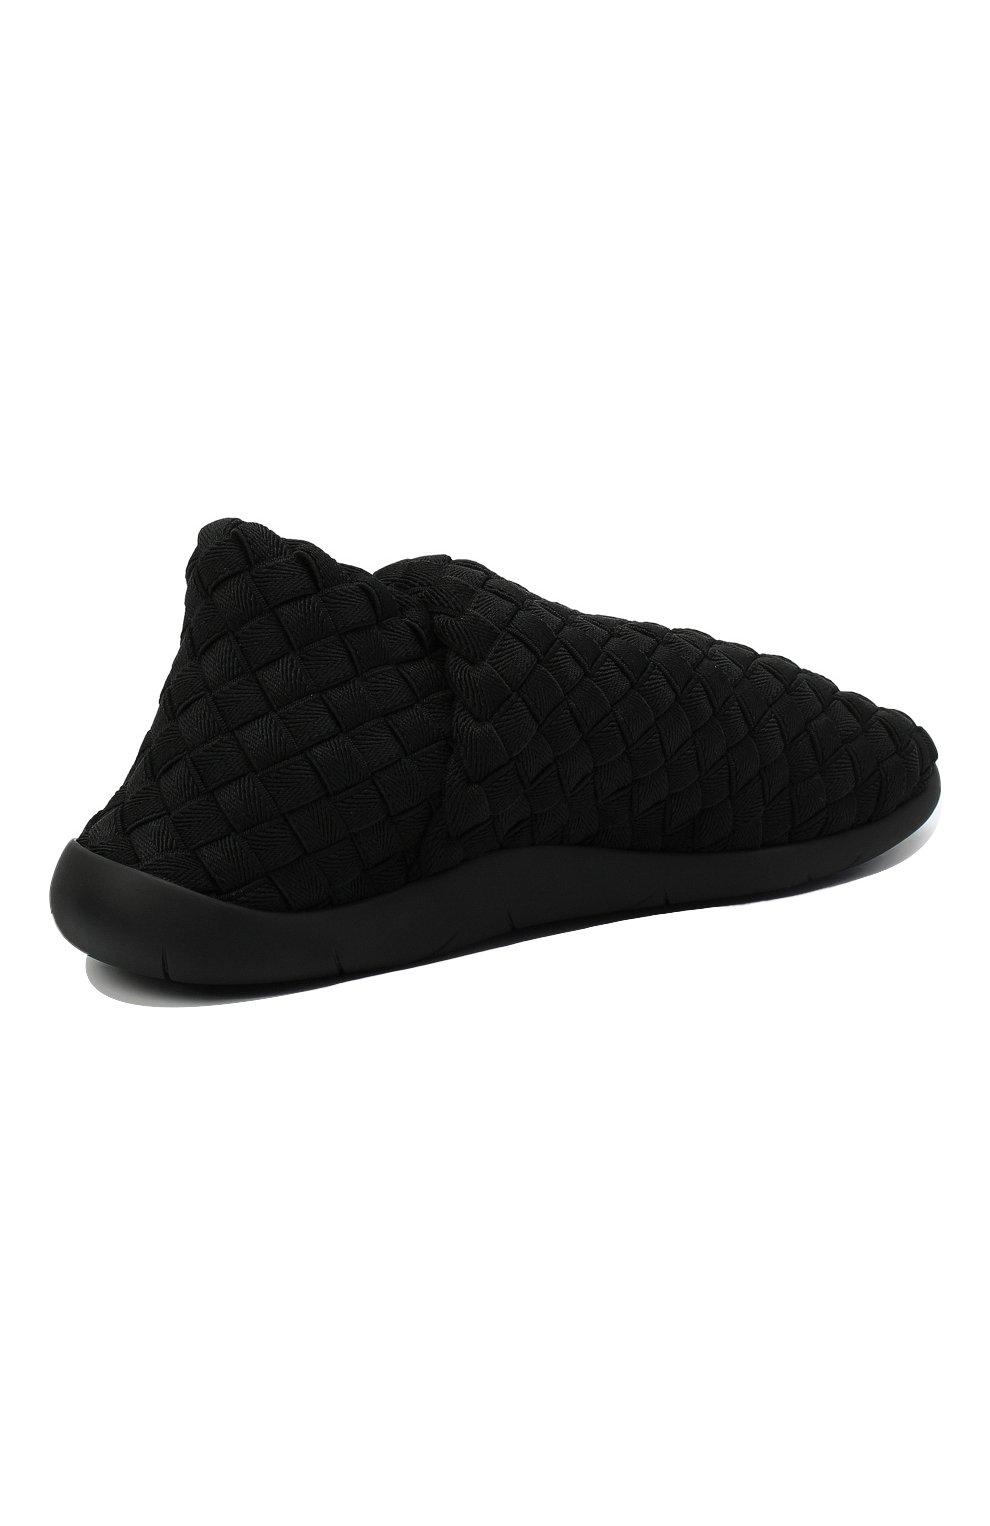 Мужские текстильные слиперы BOTTEGA VENETA черного цвета, арт. 651271/V0GV0   Фото 5 (Материал внешний: Текстиль; Материал внутренний: Натуральная кожа, Текстиль; Мужское Кросс-КТ: Слиперы-обувь; Стили: Кэжуэл)